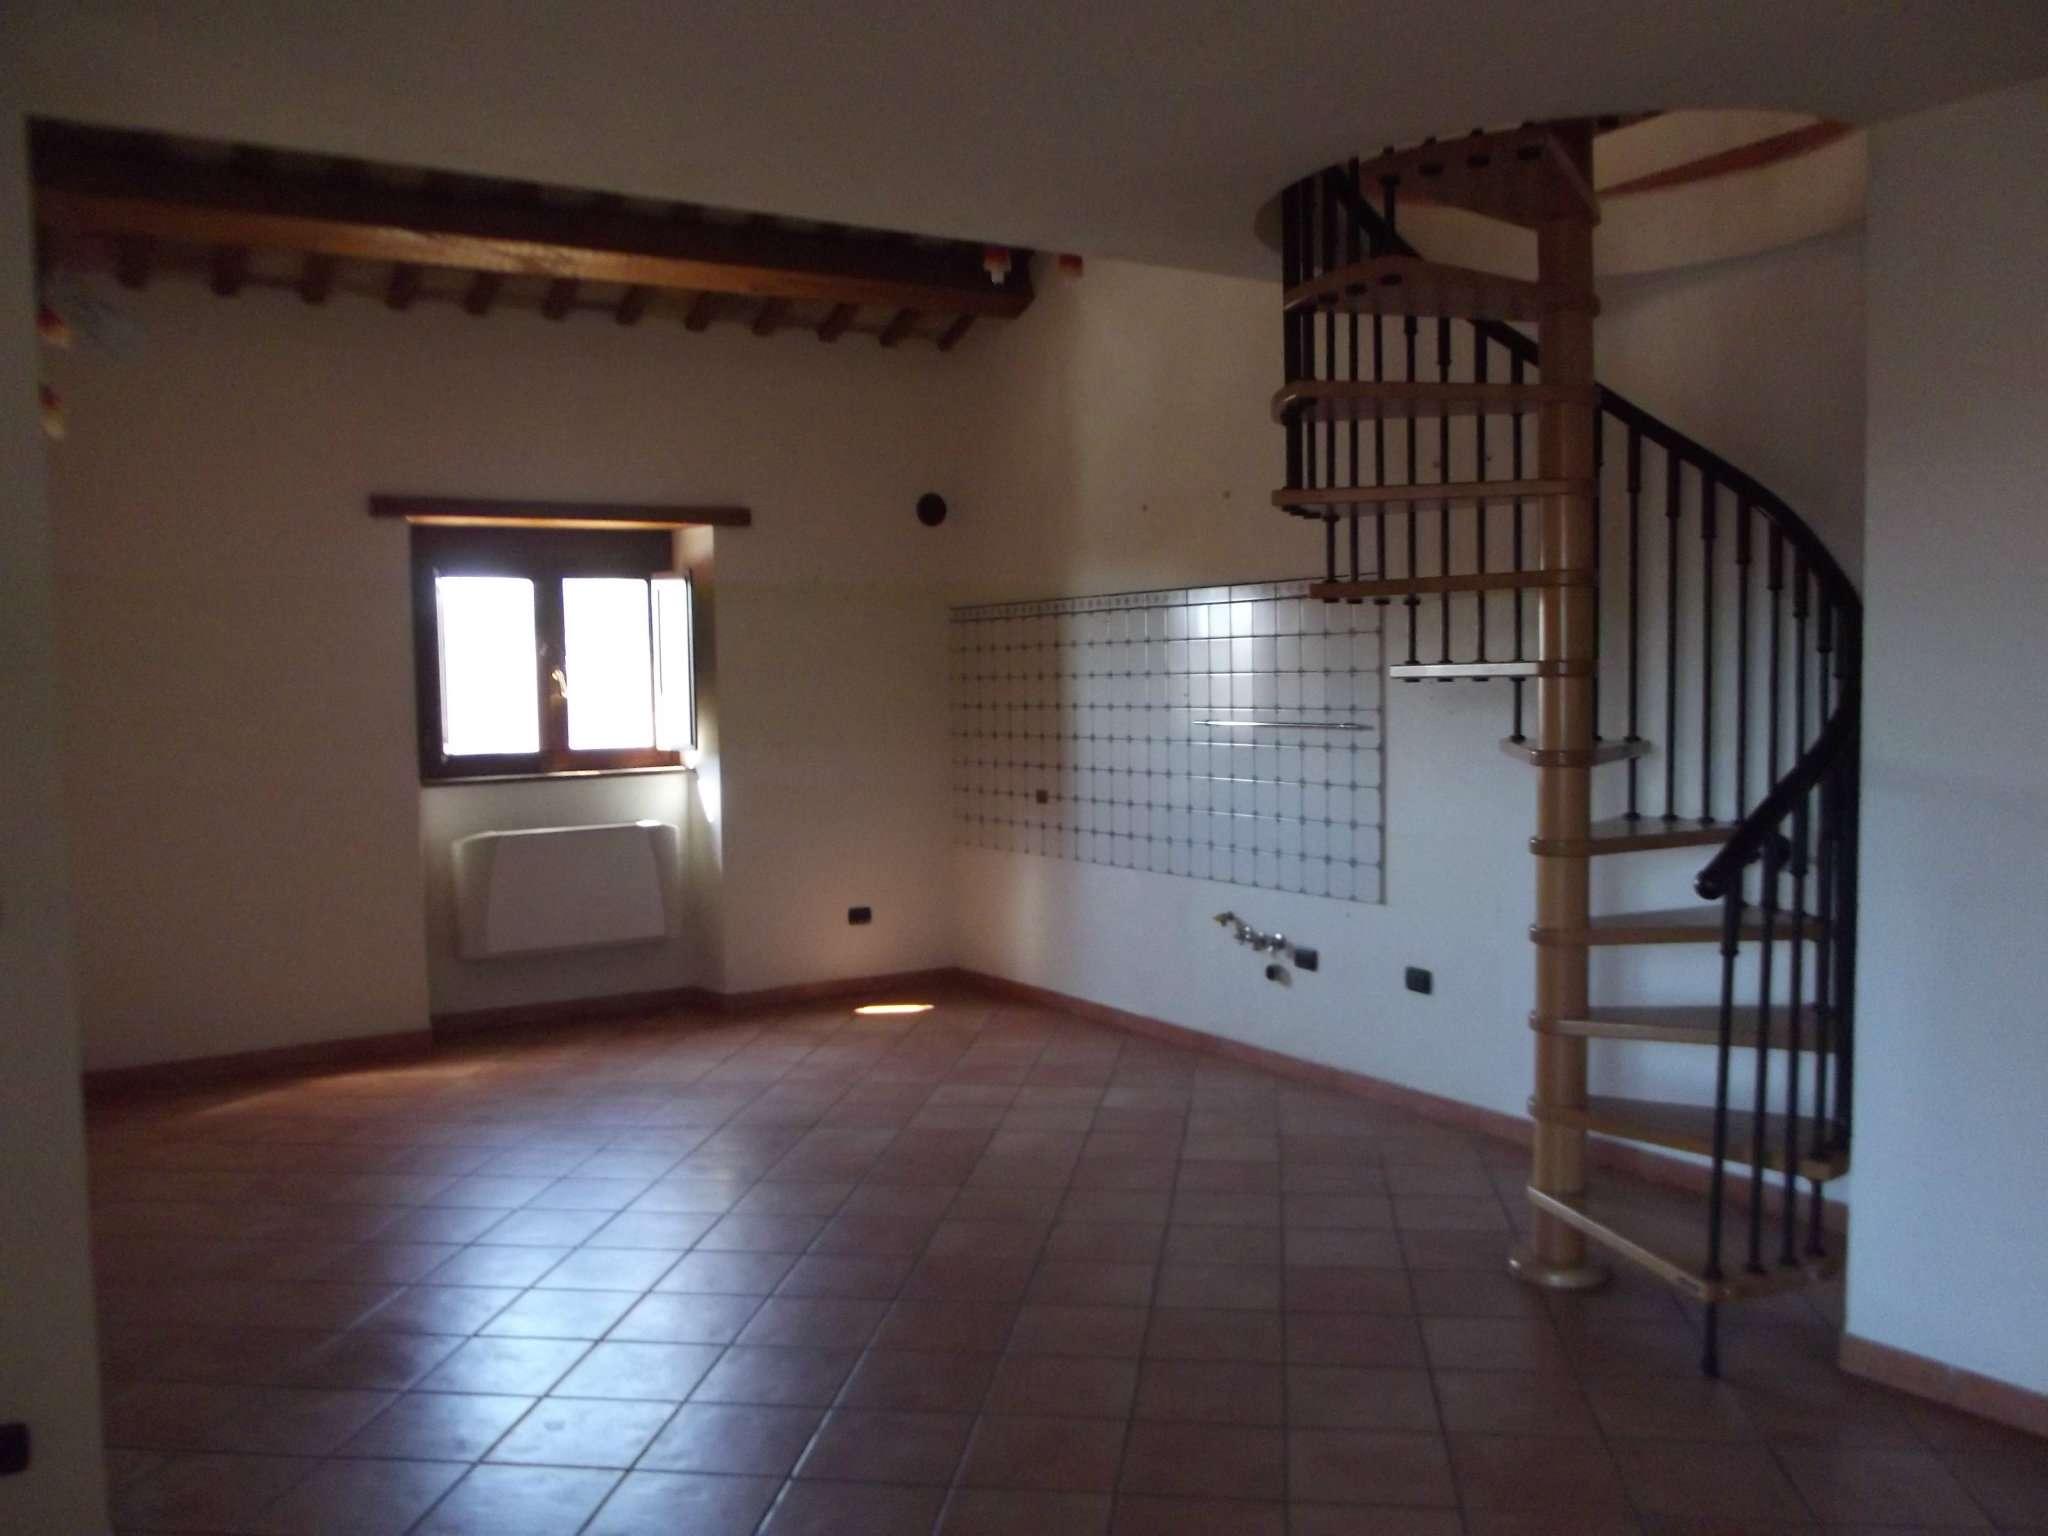 Attico / Mansarda in affitto a Giulianova, 5 locali, prezzo € 650 | CambioCasa.it